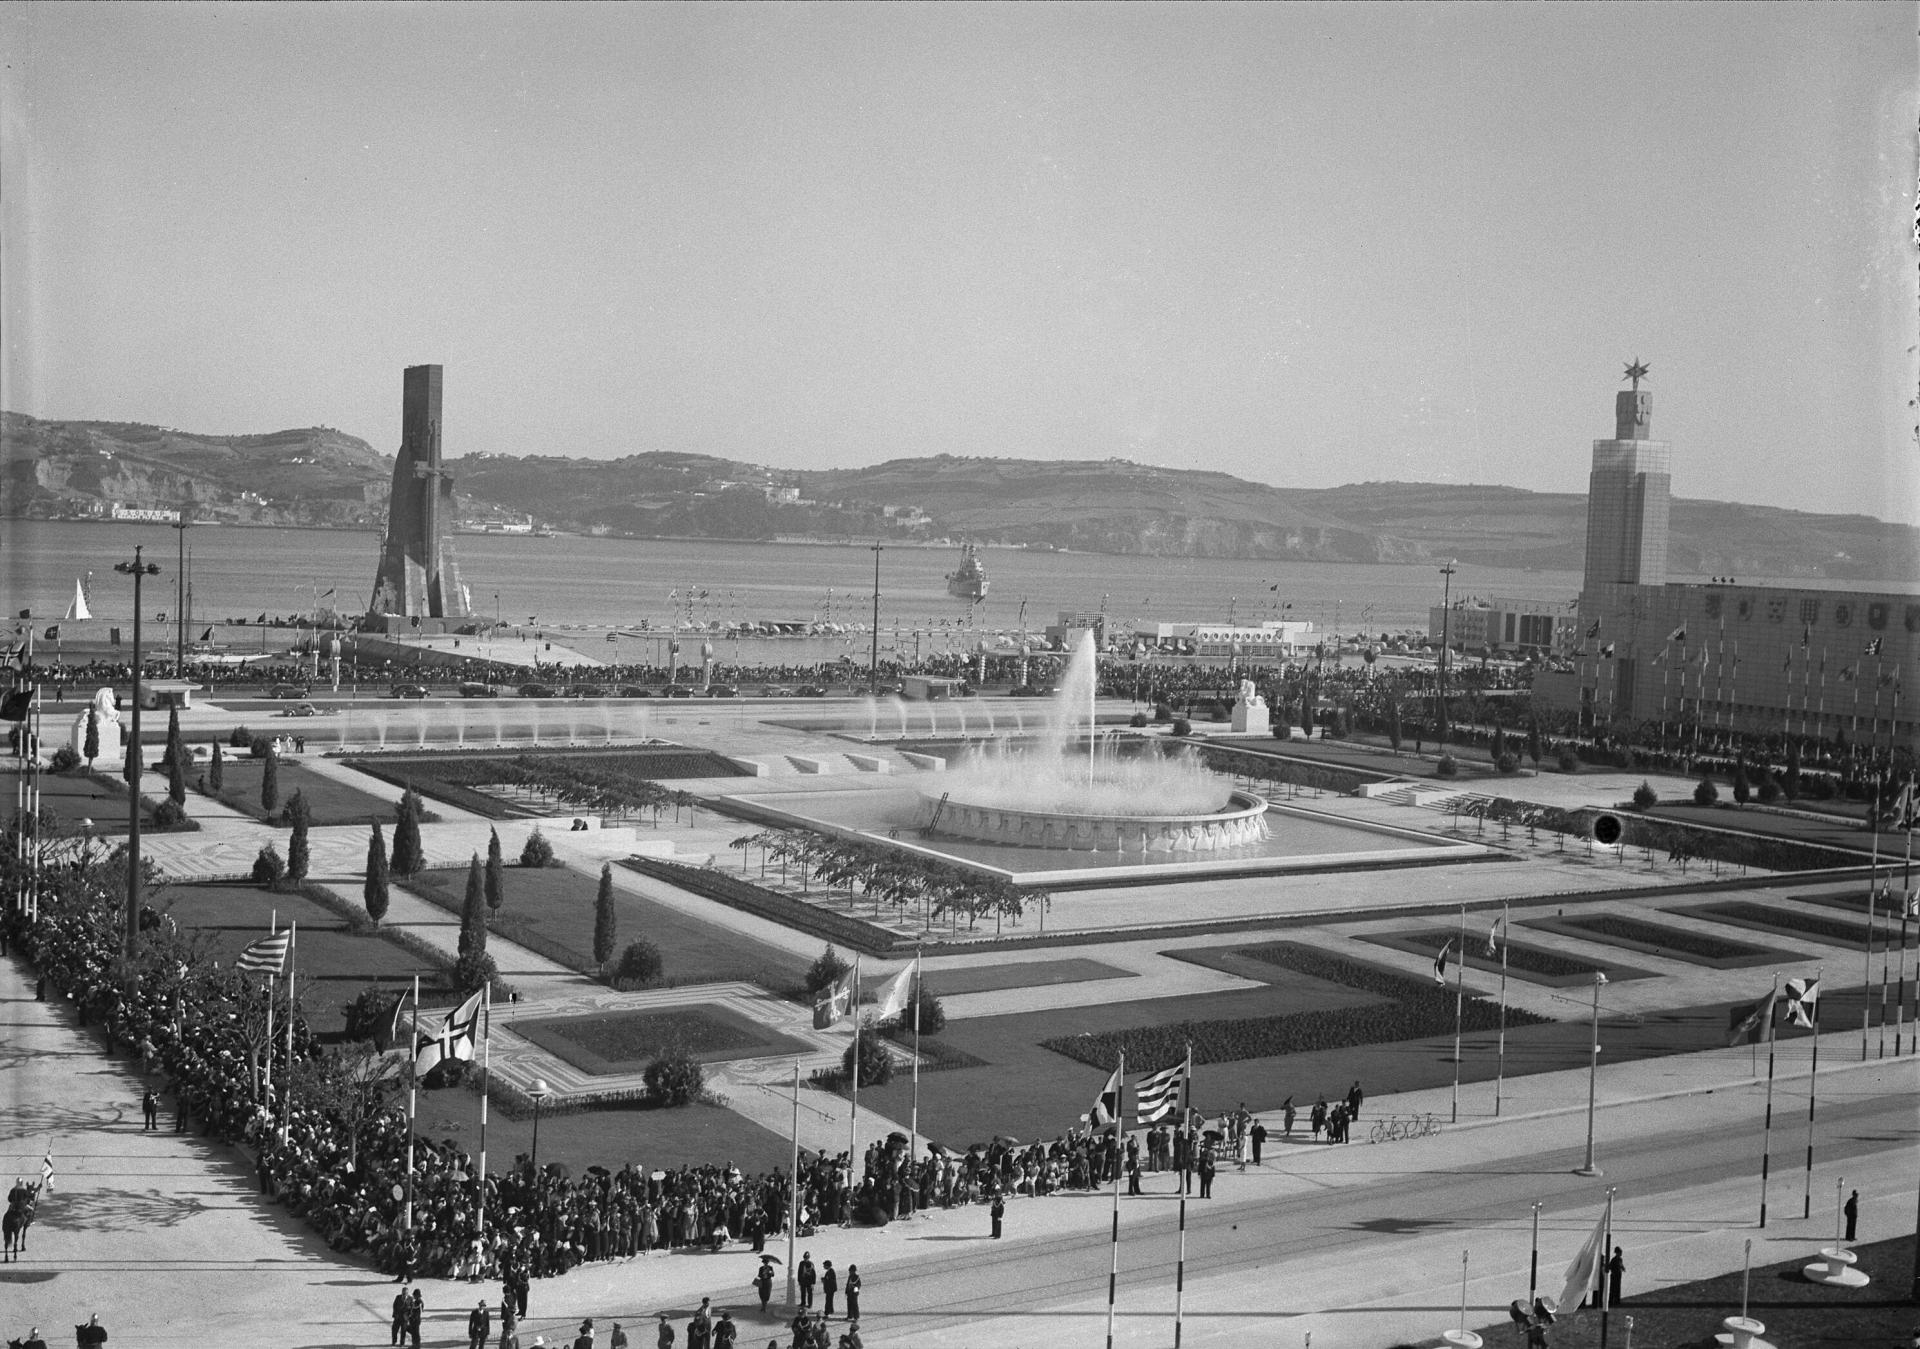 Fotografia da inauguração da Exposição do Mundo Português,no dia 23 de Junho de 1940. Pessoas concentradas na Praça do Império. Ao fundo o Padrão dos Descobrimentos. Biblioteca de Arte FCG. foto de Horácio Novais